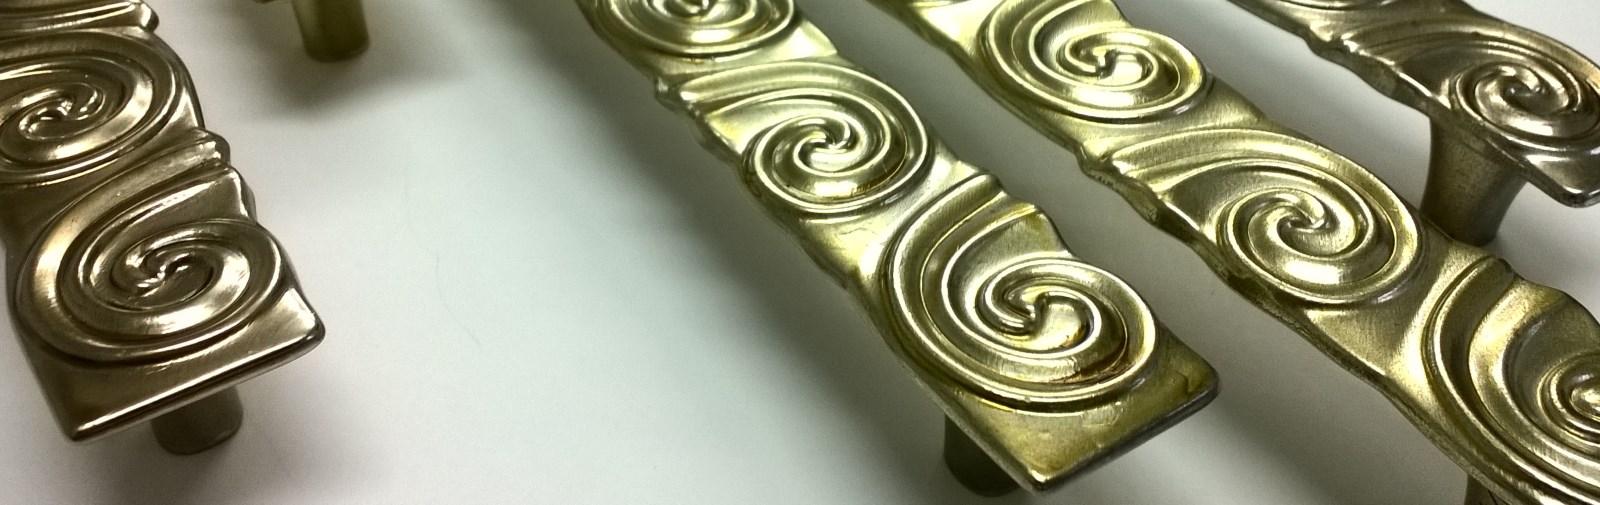 Peinture effet or argent cuivre ou acier pour un aspect m tallique - Peinture effet cuivre ...